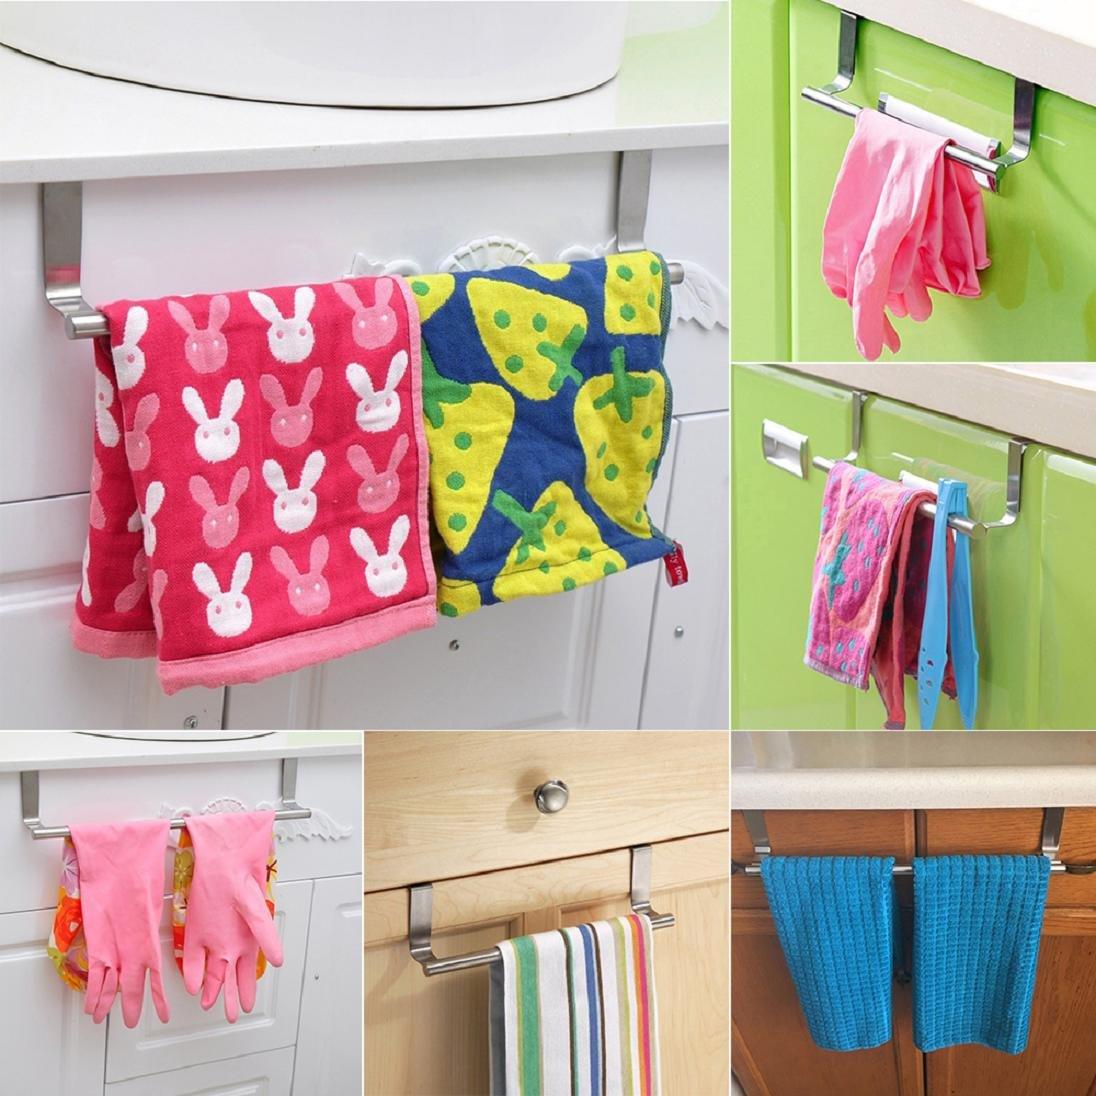 Toallero multifuncional para puerta armario para cocina barra para colgar toallas de ba/ño cocina toallero sin agujeros barra 23 cm plata ba/ño